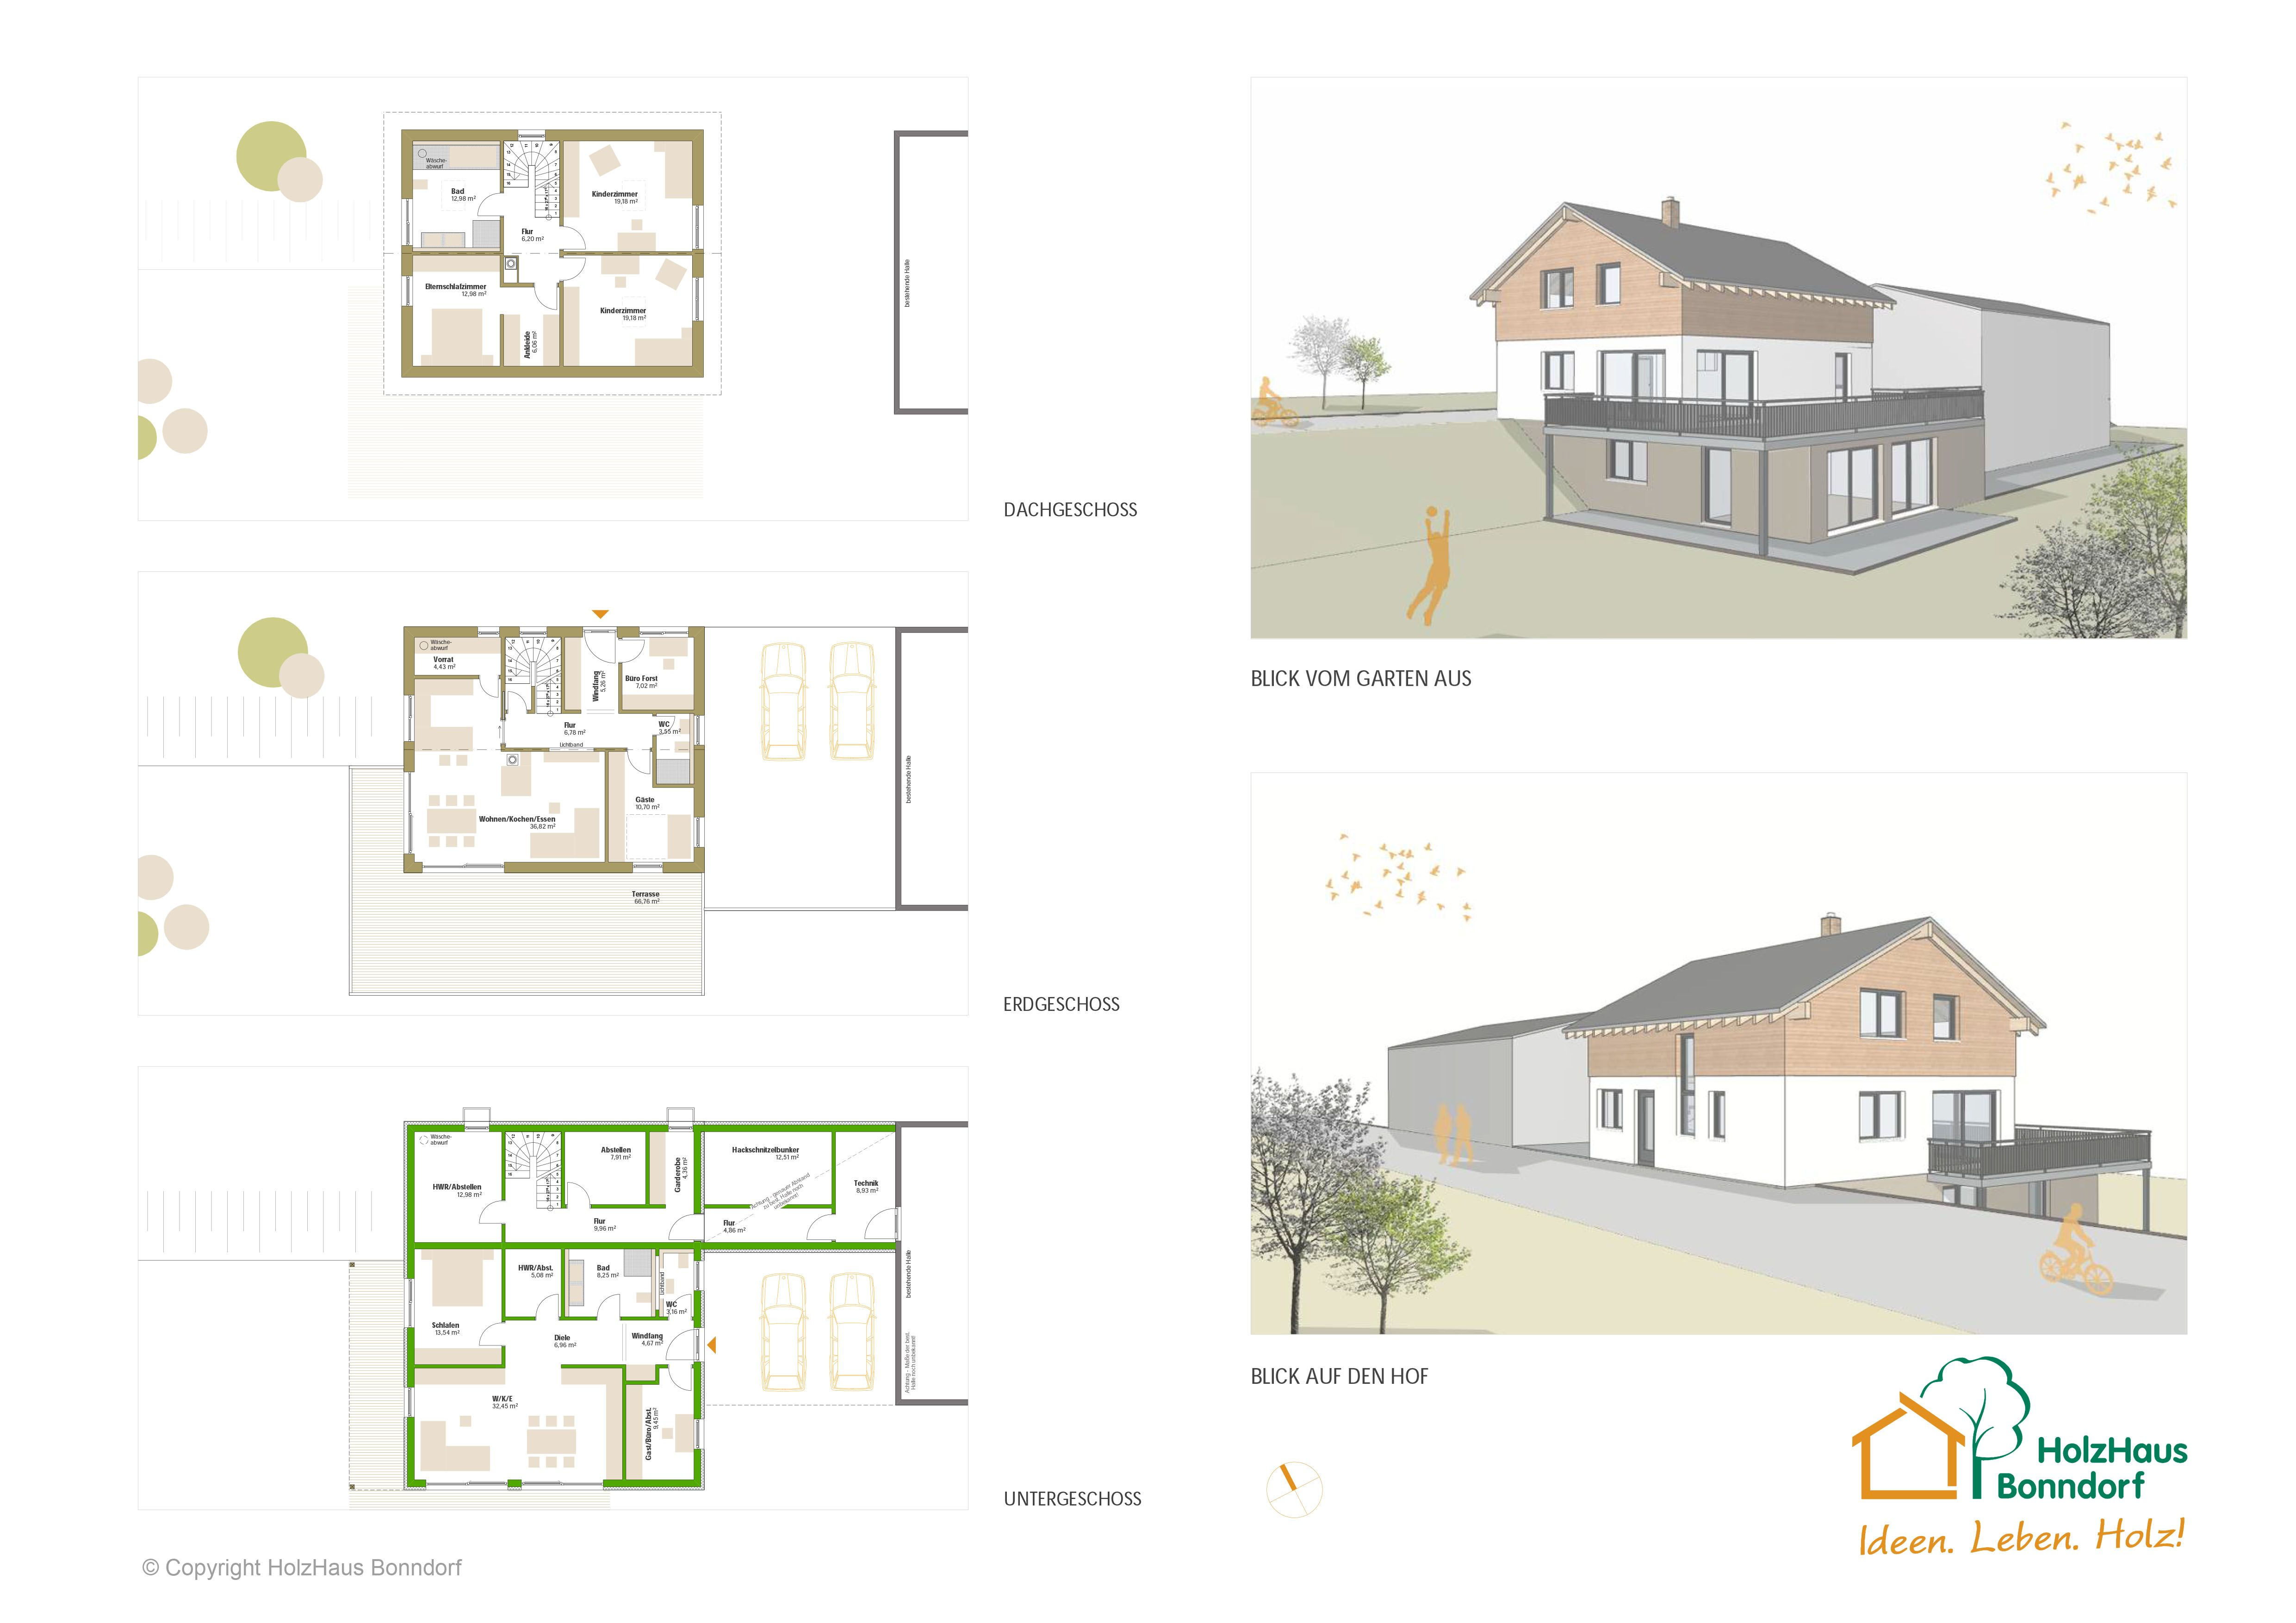 Einfamilienhaus mit garage und einliegerwohnung in for Grundriss einfamilienhaus 2 vollgeschosse